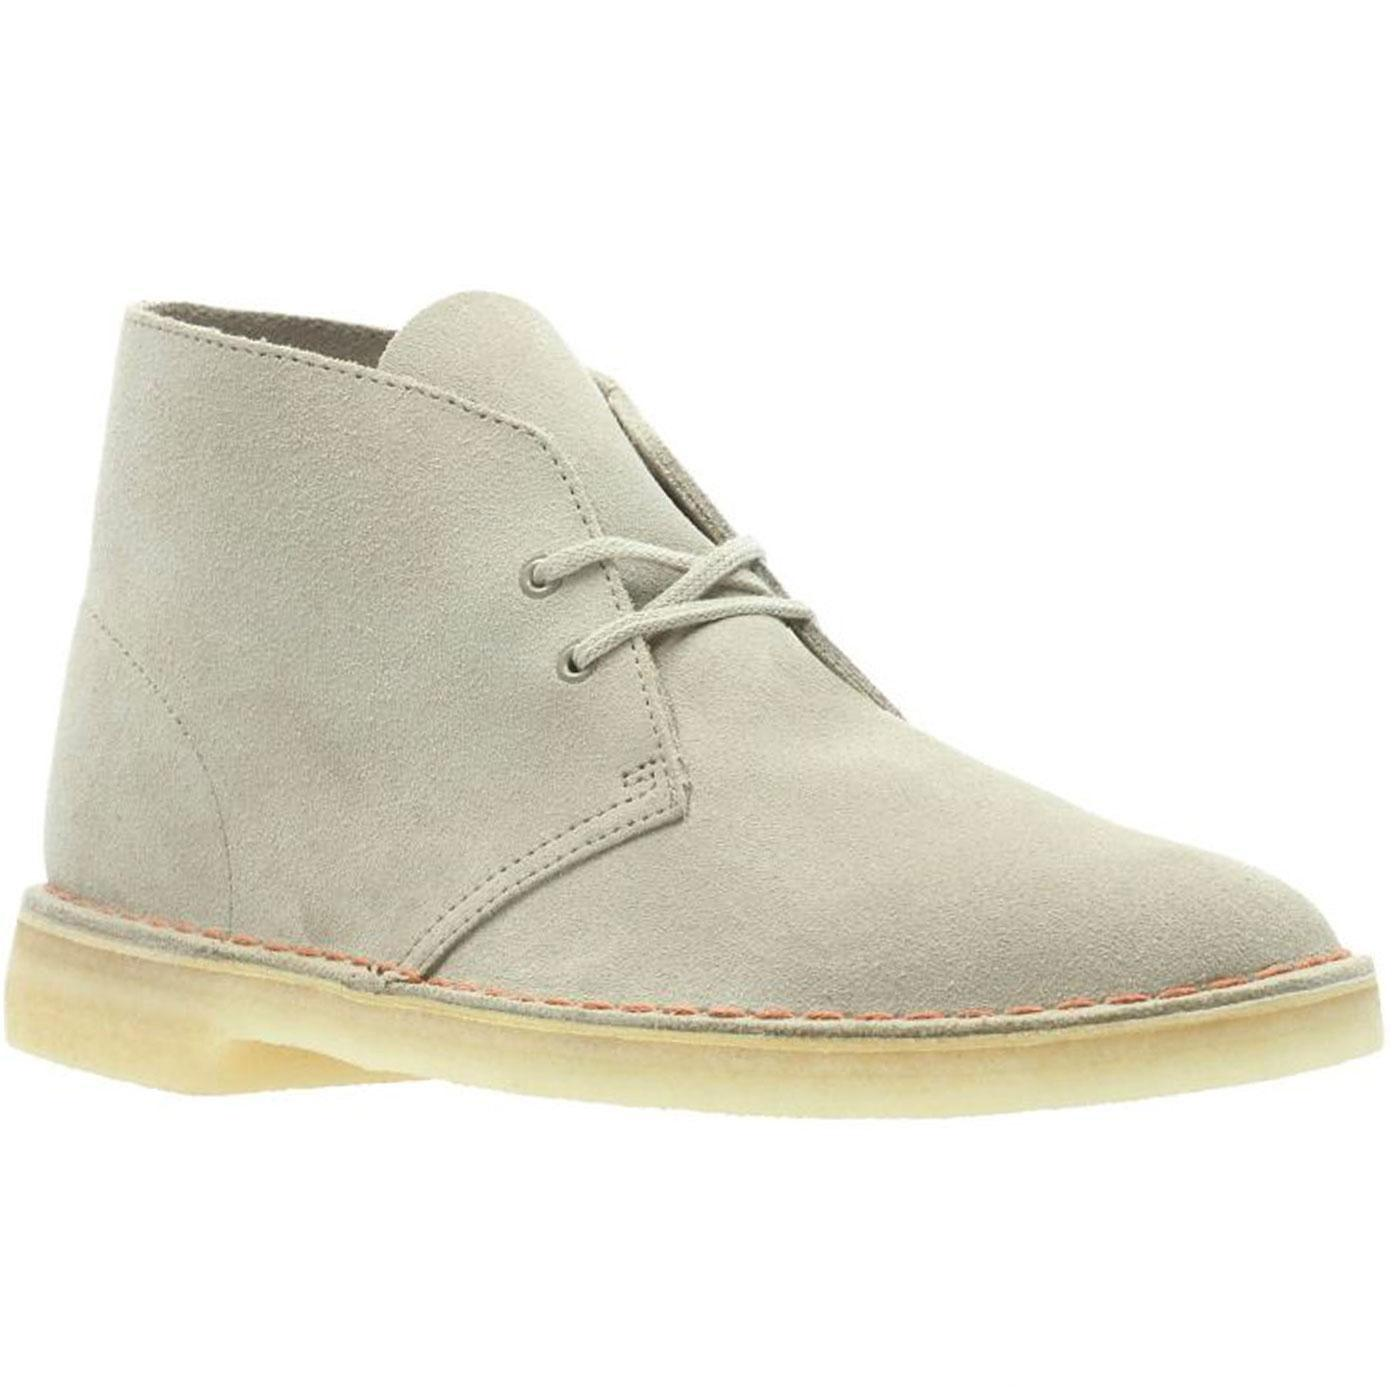 CLARKS ORIGINALS Women's Suede Desert Boots (Sand)